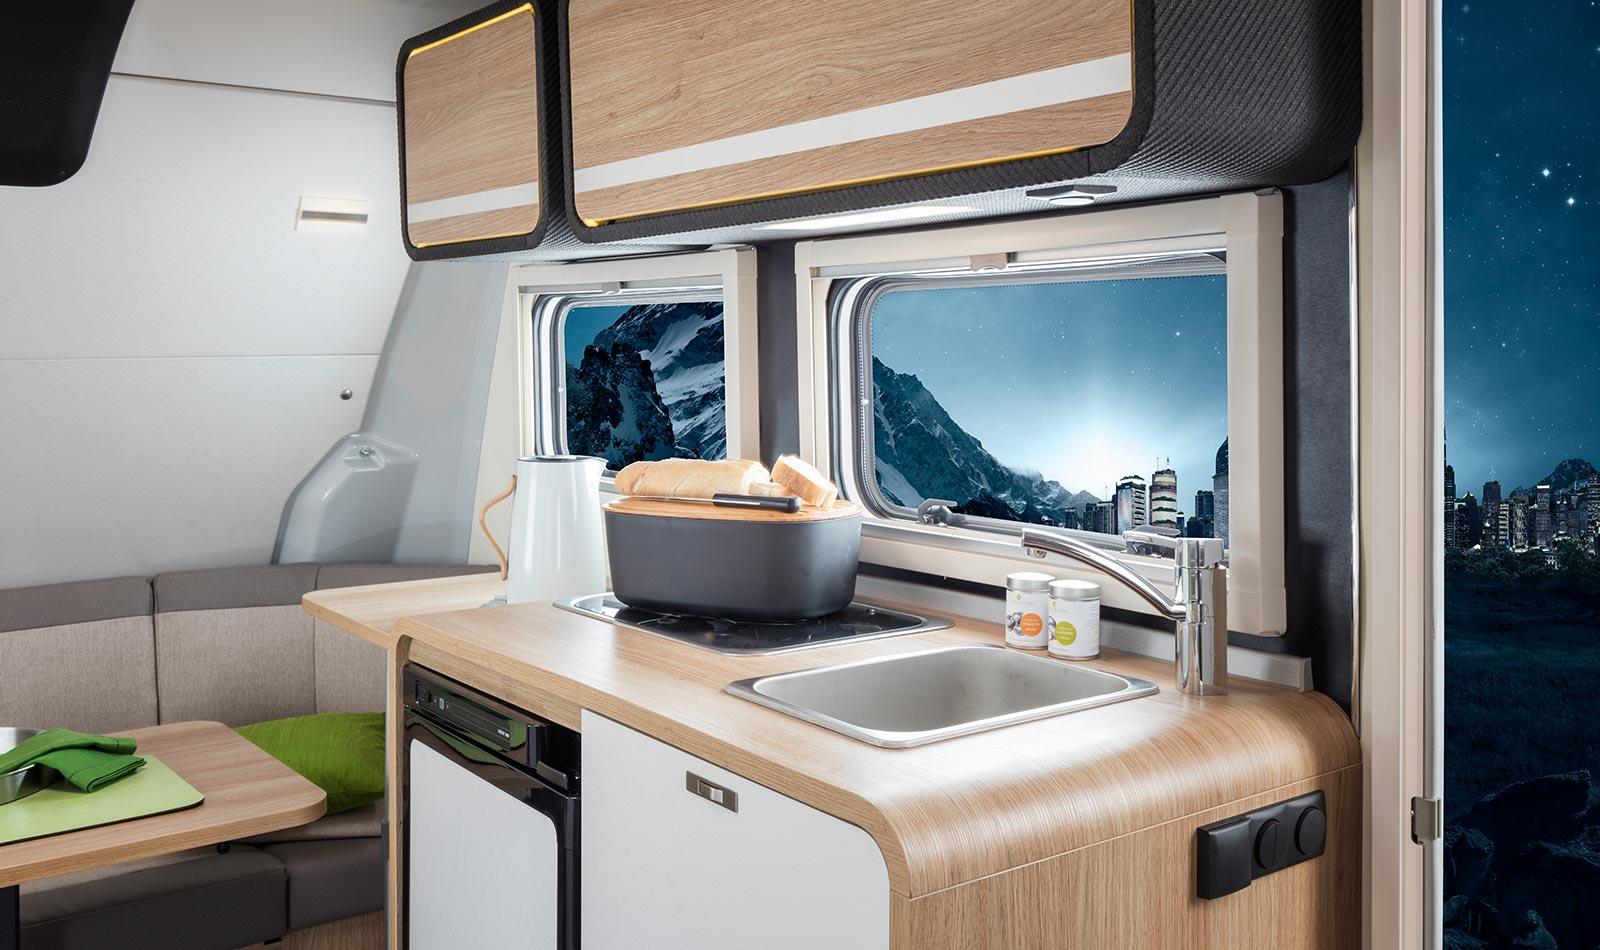 knaus travelino revolution fortschrittliche caravan. Black Bedroom Furniture Sets. Home Design Ideas